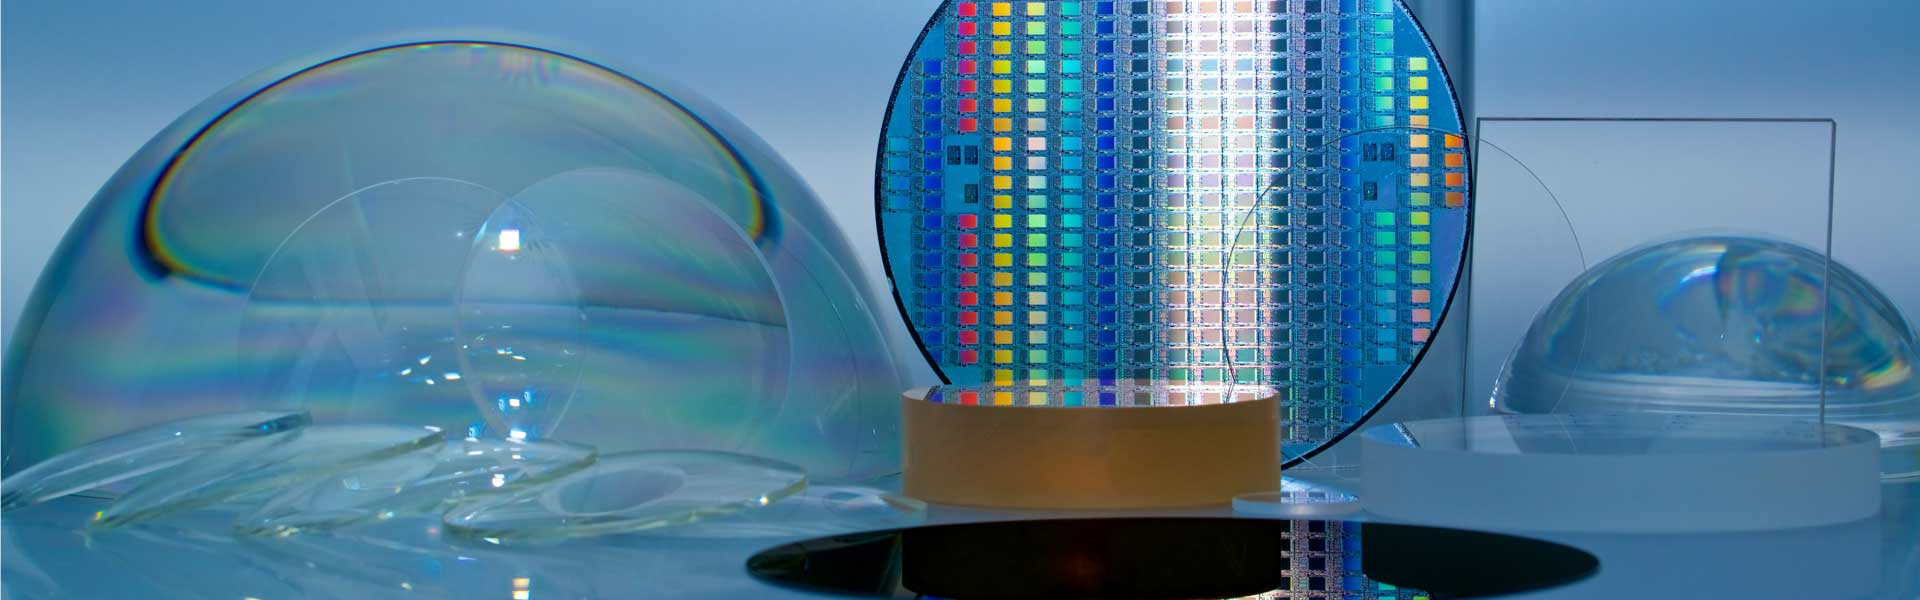 Messgeräte zur berührungslosen Dicken- und Profilmessung, OLCI und HP OLCI